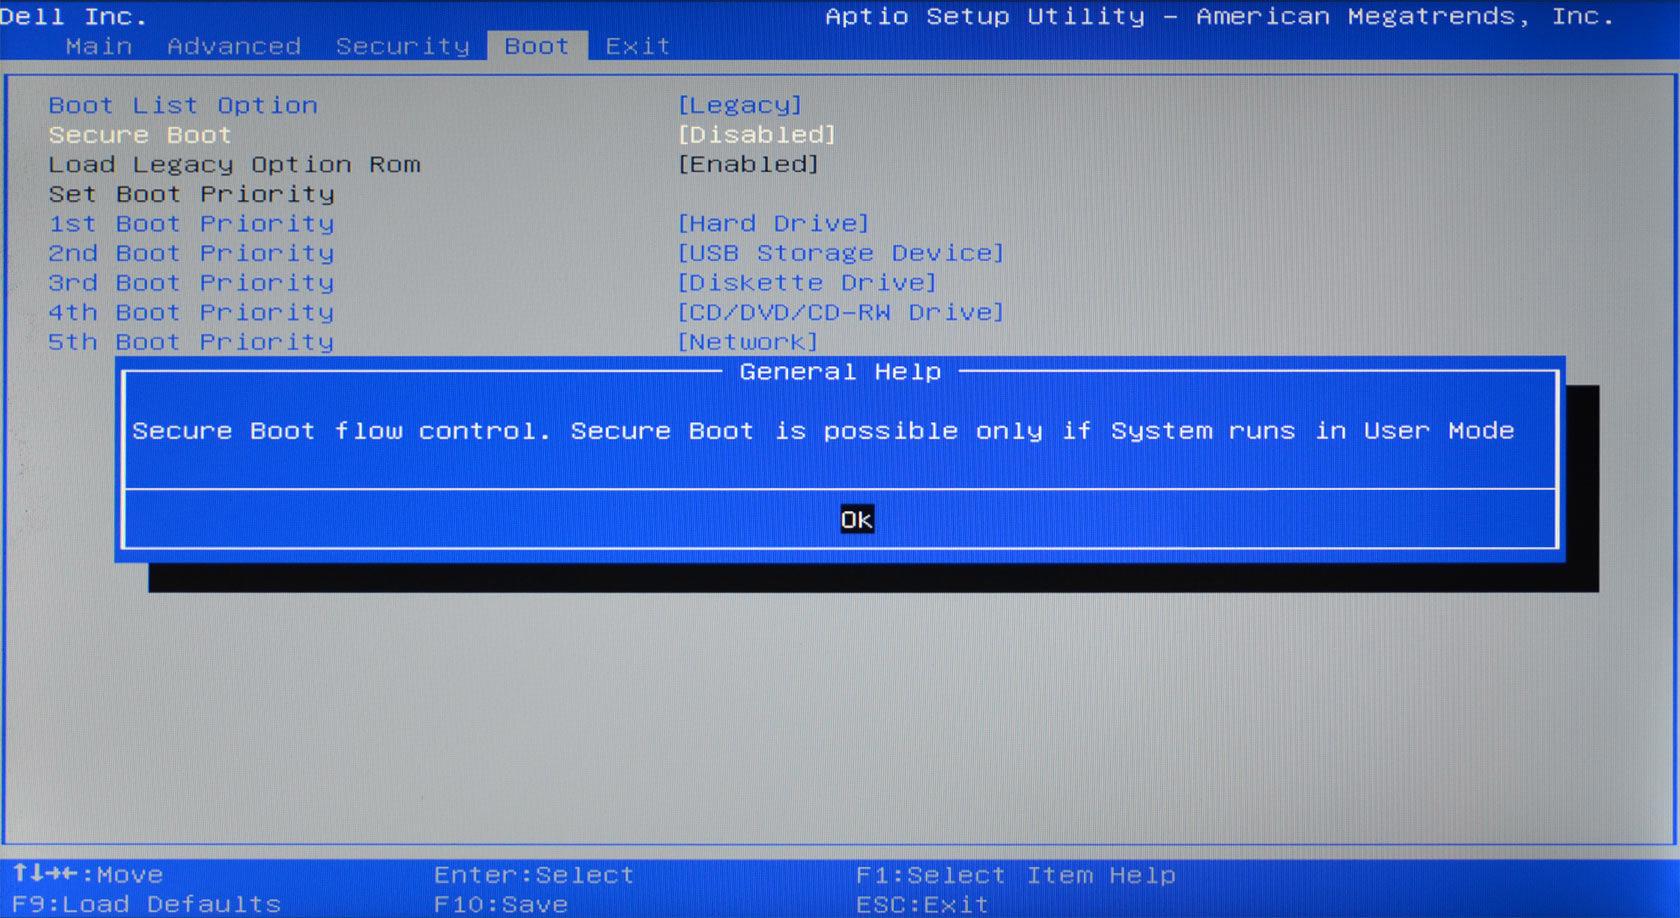 Microsoft удалила из Windows RT встроенный бэкдор, который позволяет обойти Secure Boot и установить Linux - 2